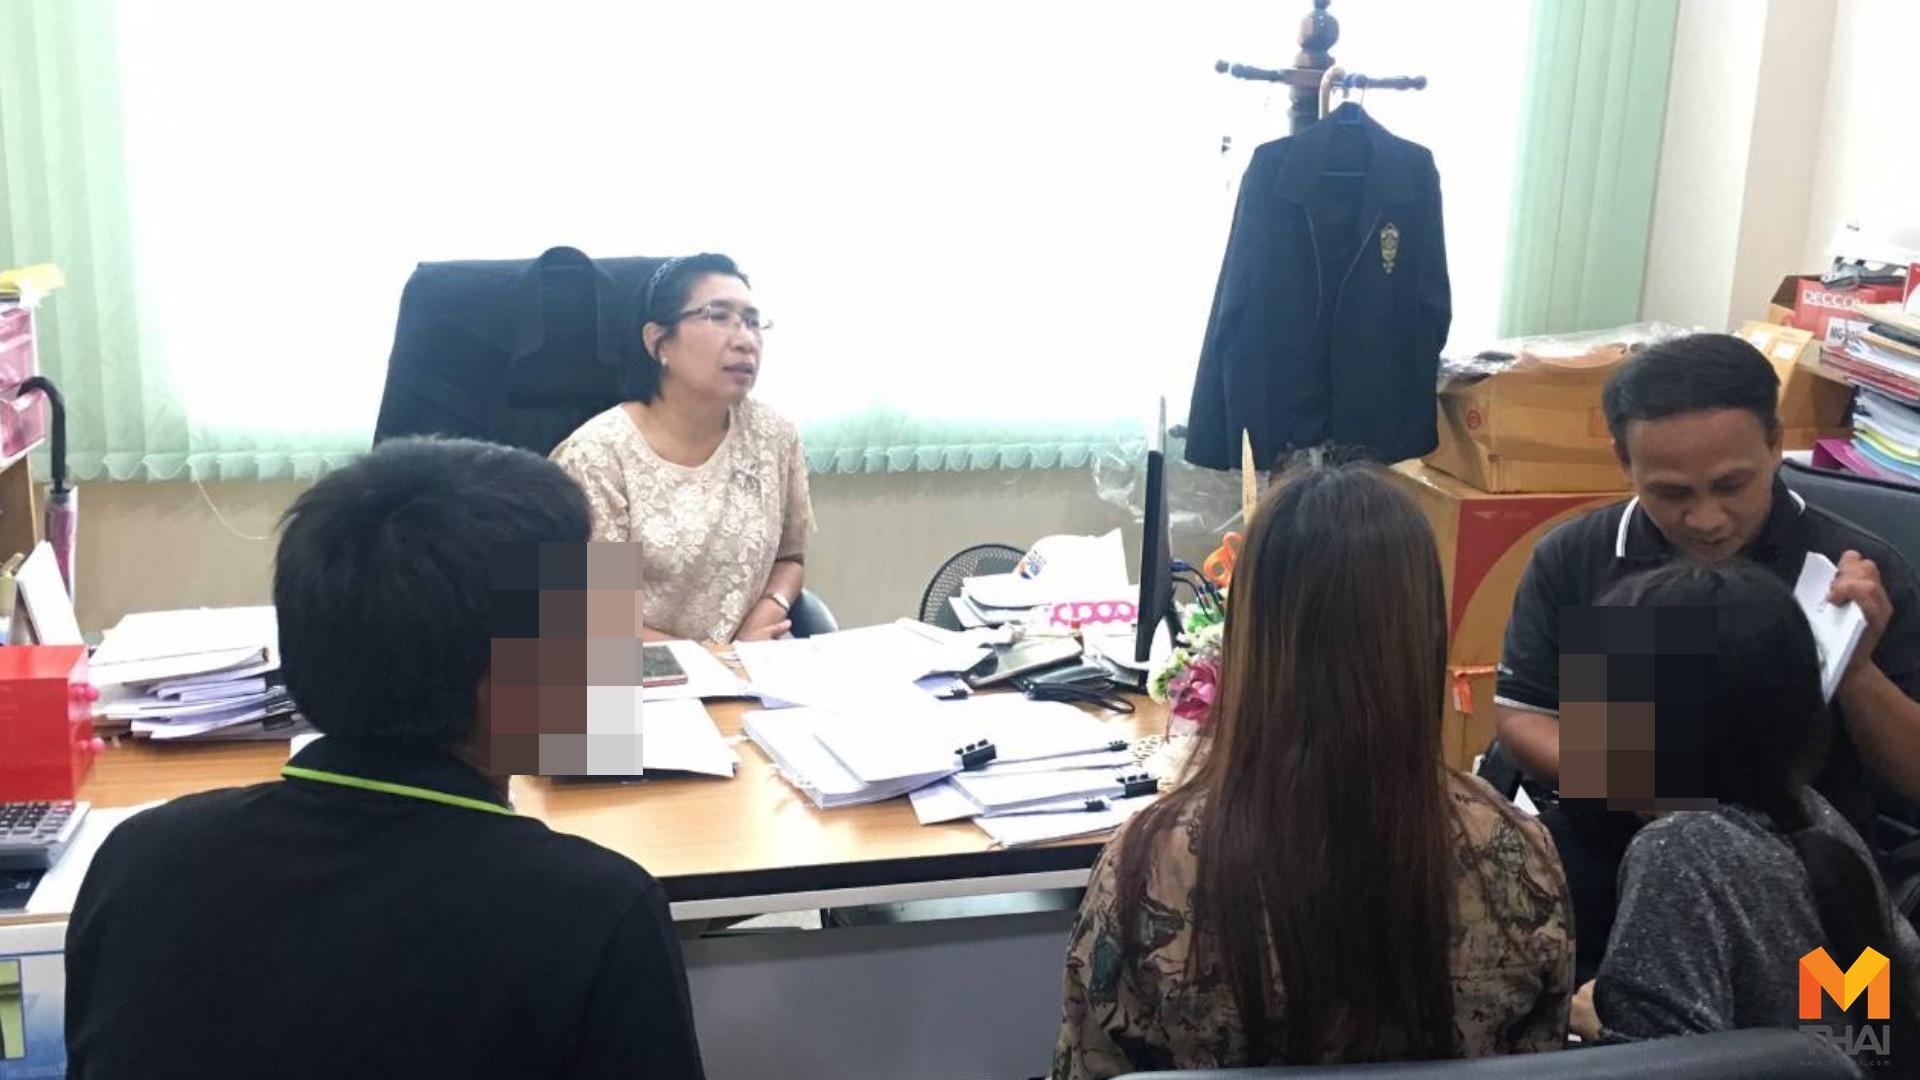 ข่าวข่มขืน ข่าวภูมิภาค ครูข่มขืนนักเรียน